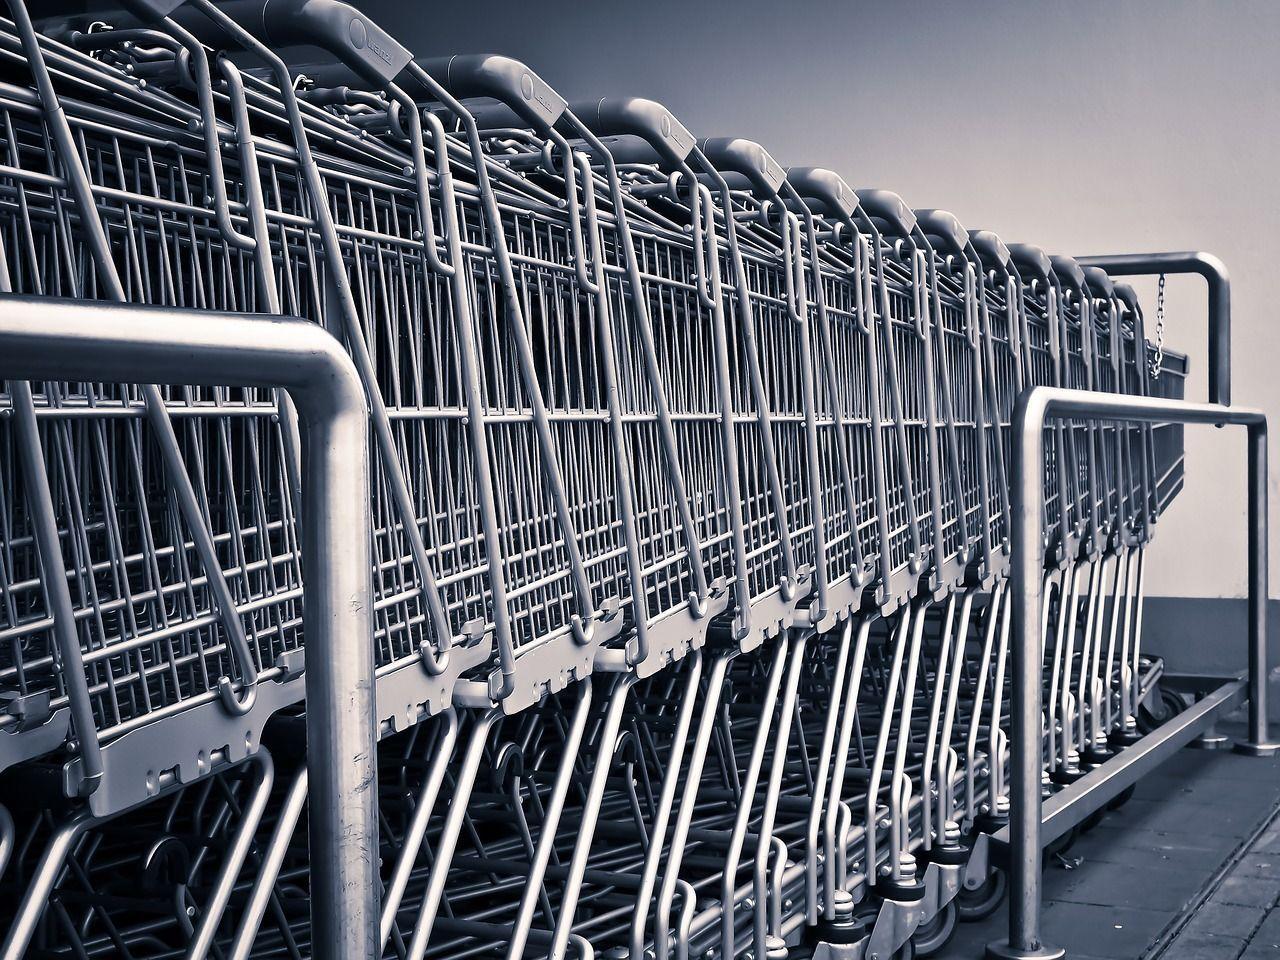 Supermercato nel frusinate chiuso per carenze igieniche: sequestrati 160 chili di alimenti